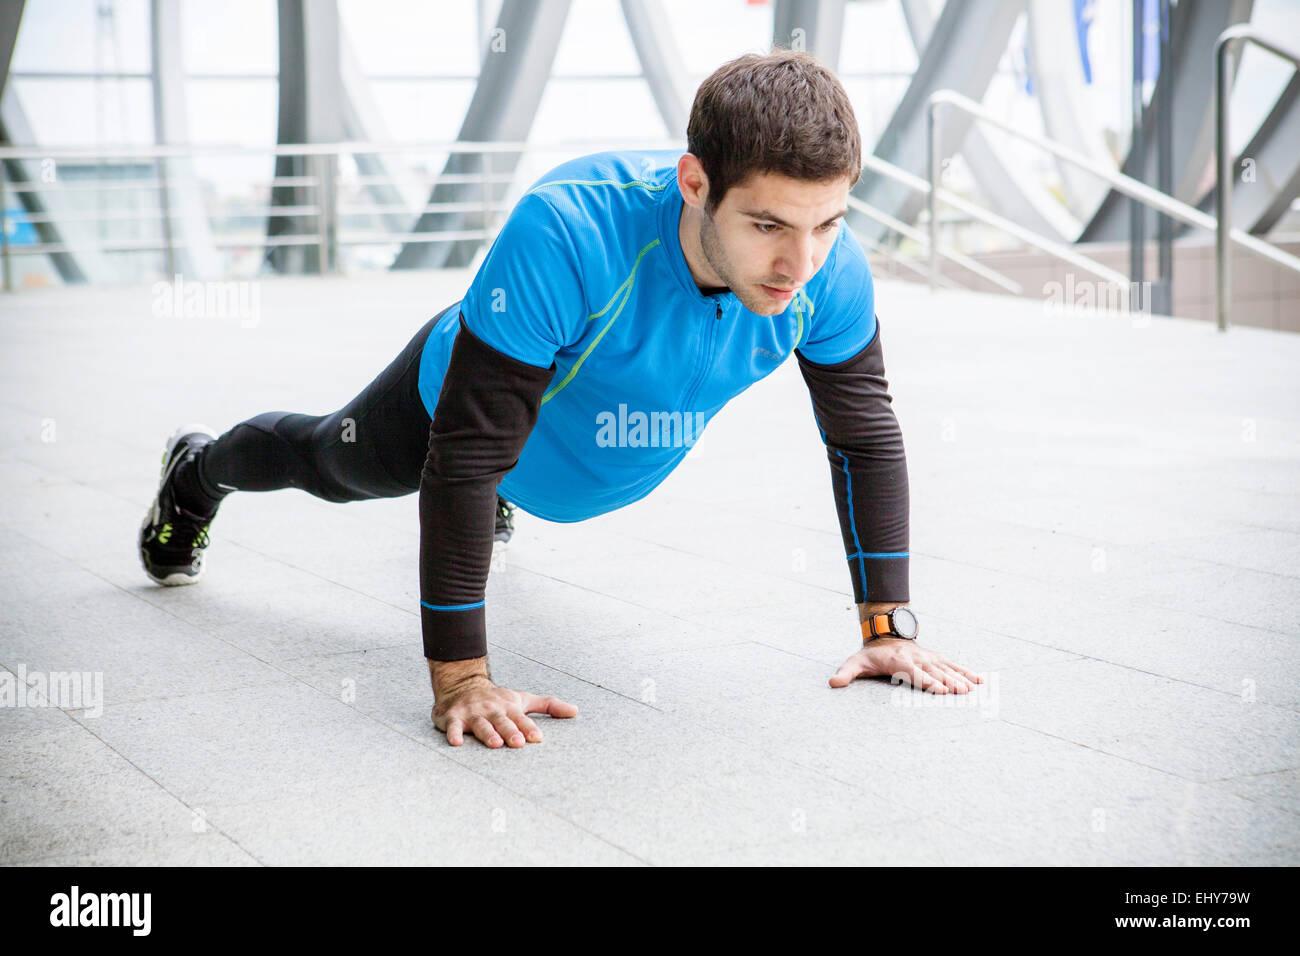 Male runner doing push-ups in city - Stock Image